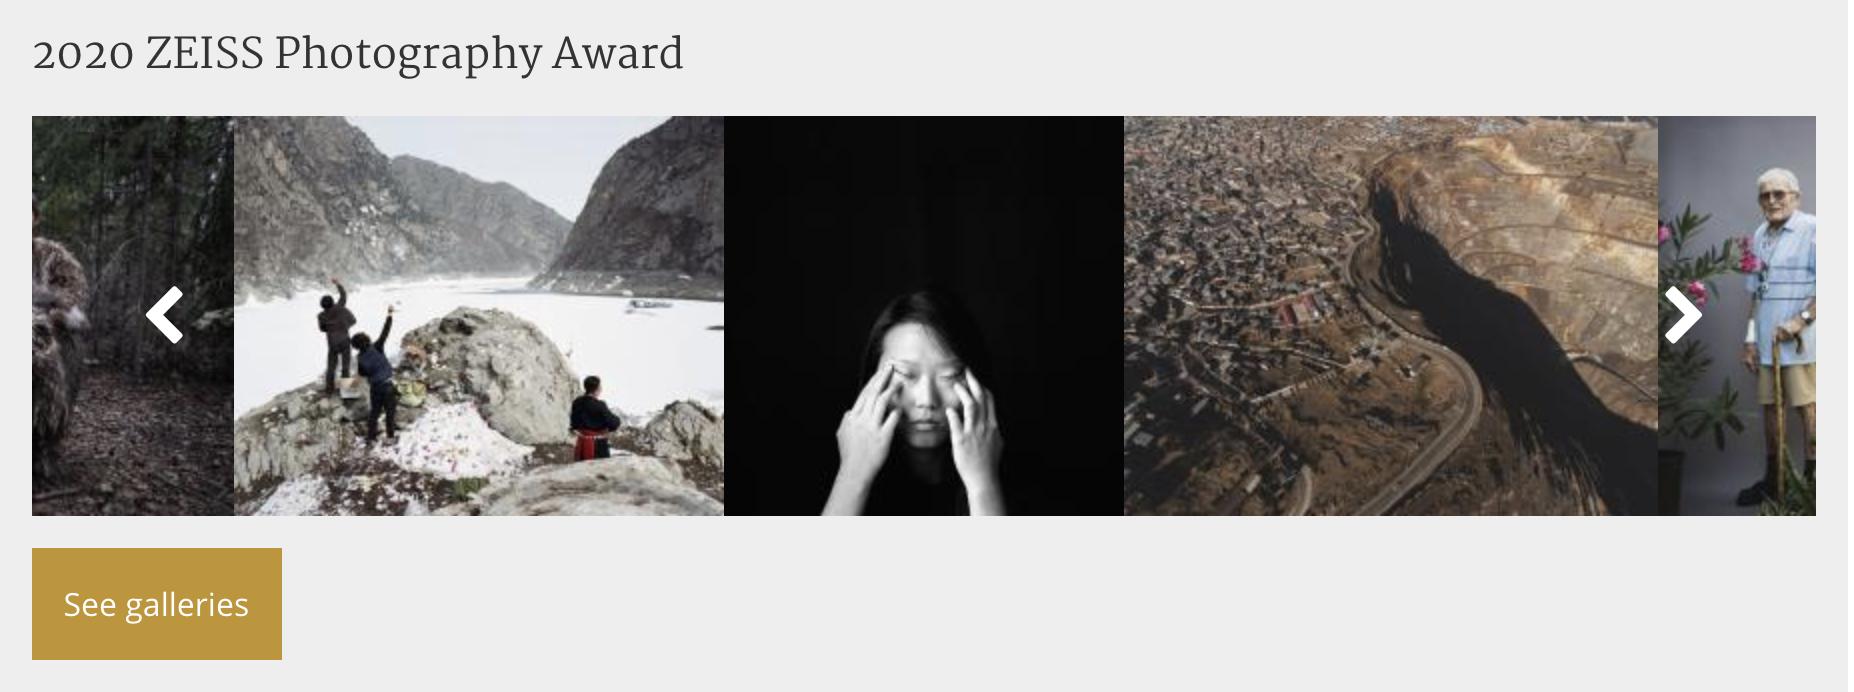 2020年蔡司摄影奖结果公布,对话入围中国摄影师王攀图片